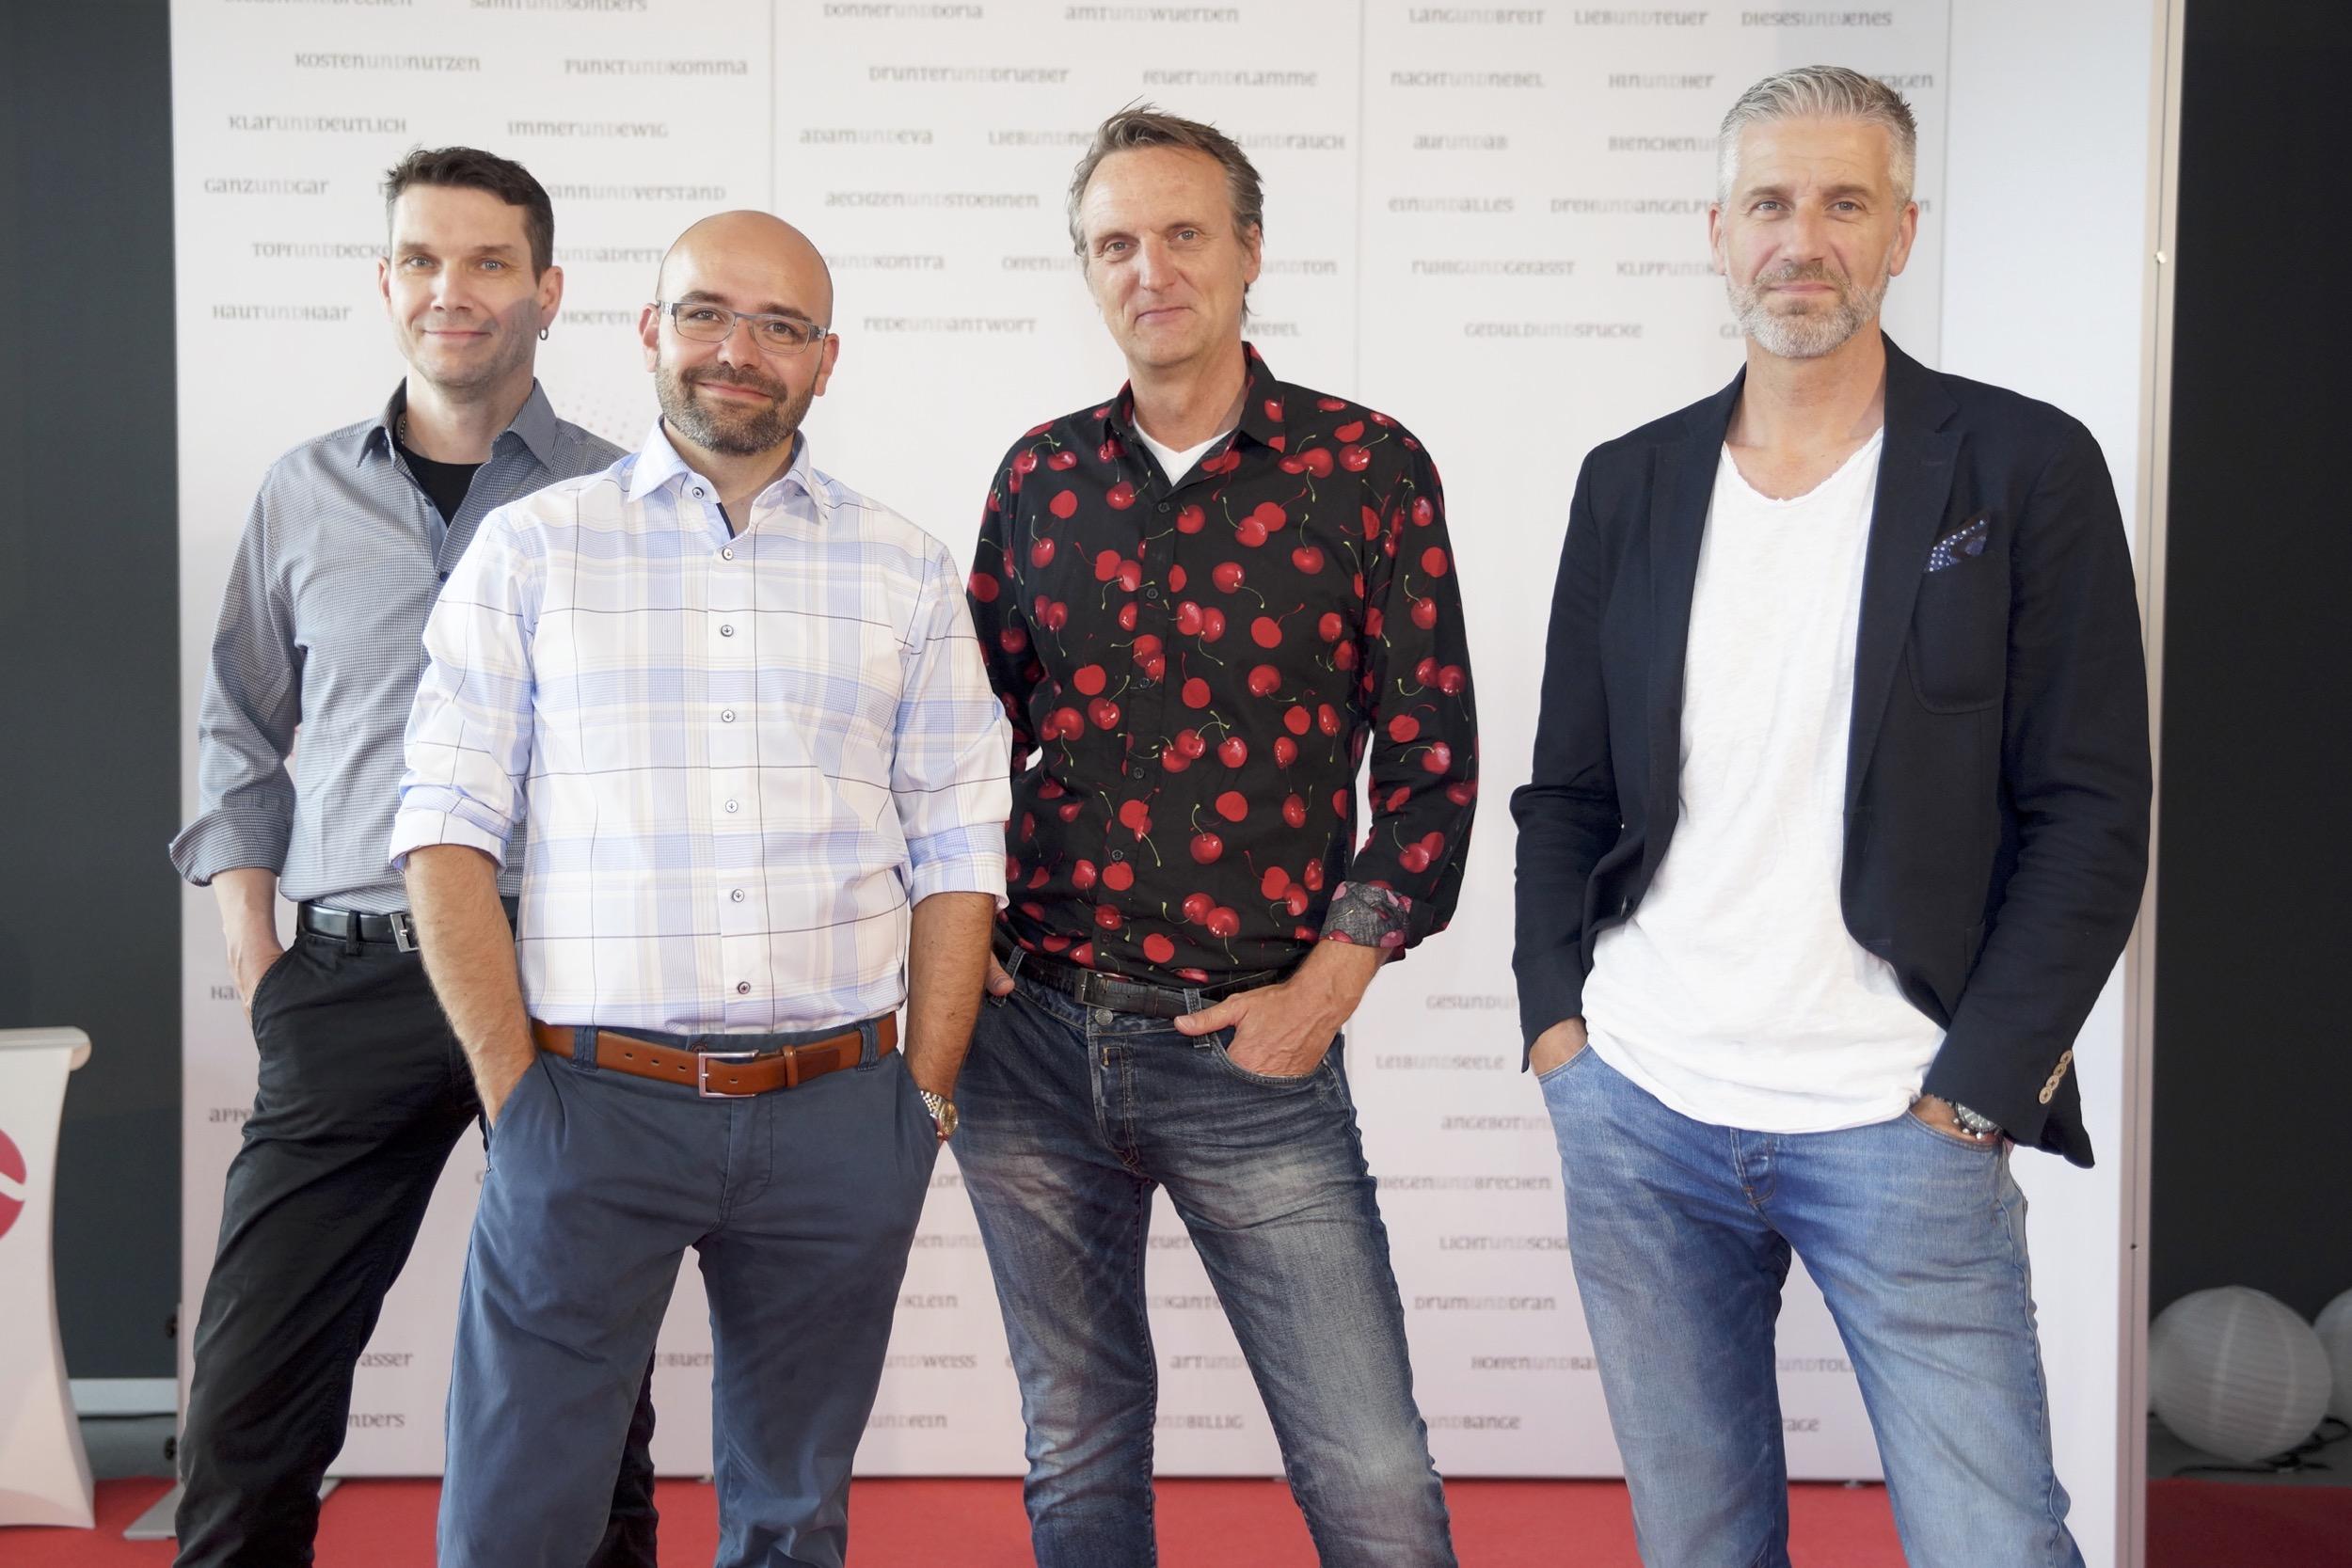 Gründer und COO von milch und zucker, Hersteller von Recruiting Software